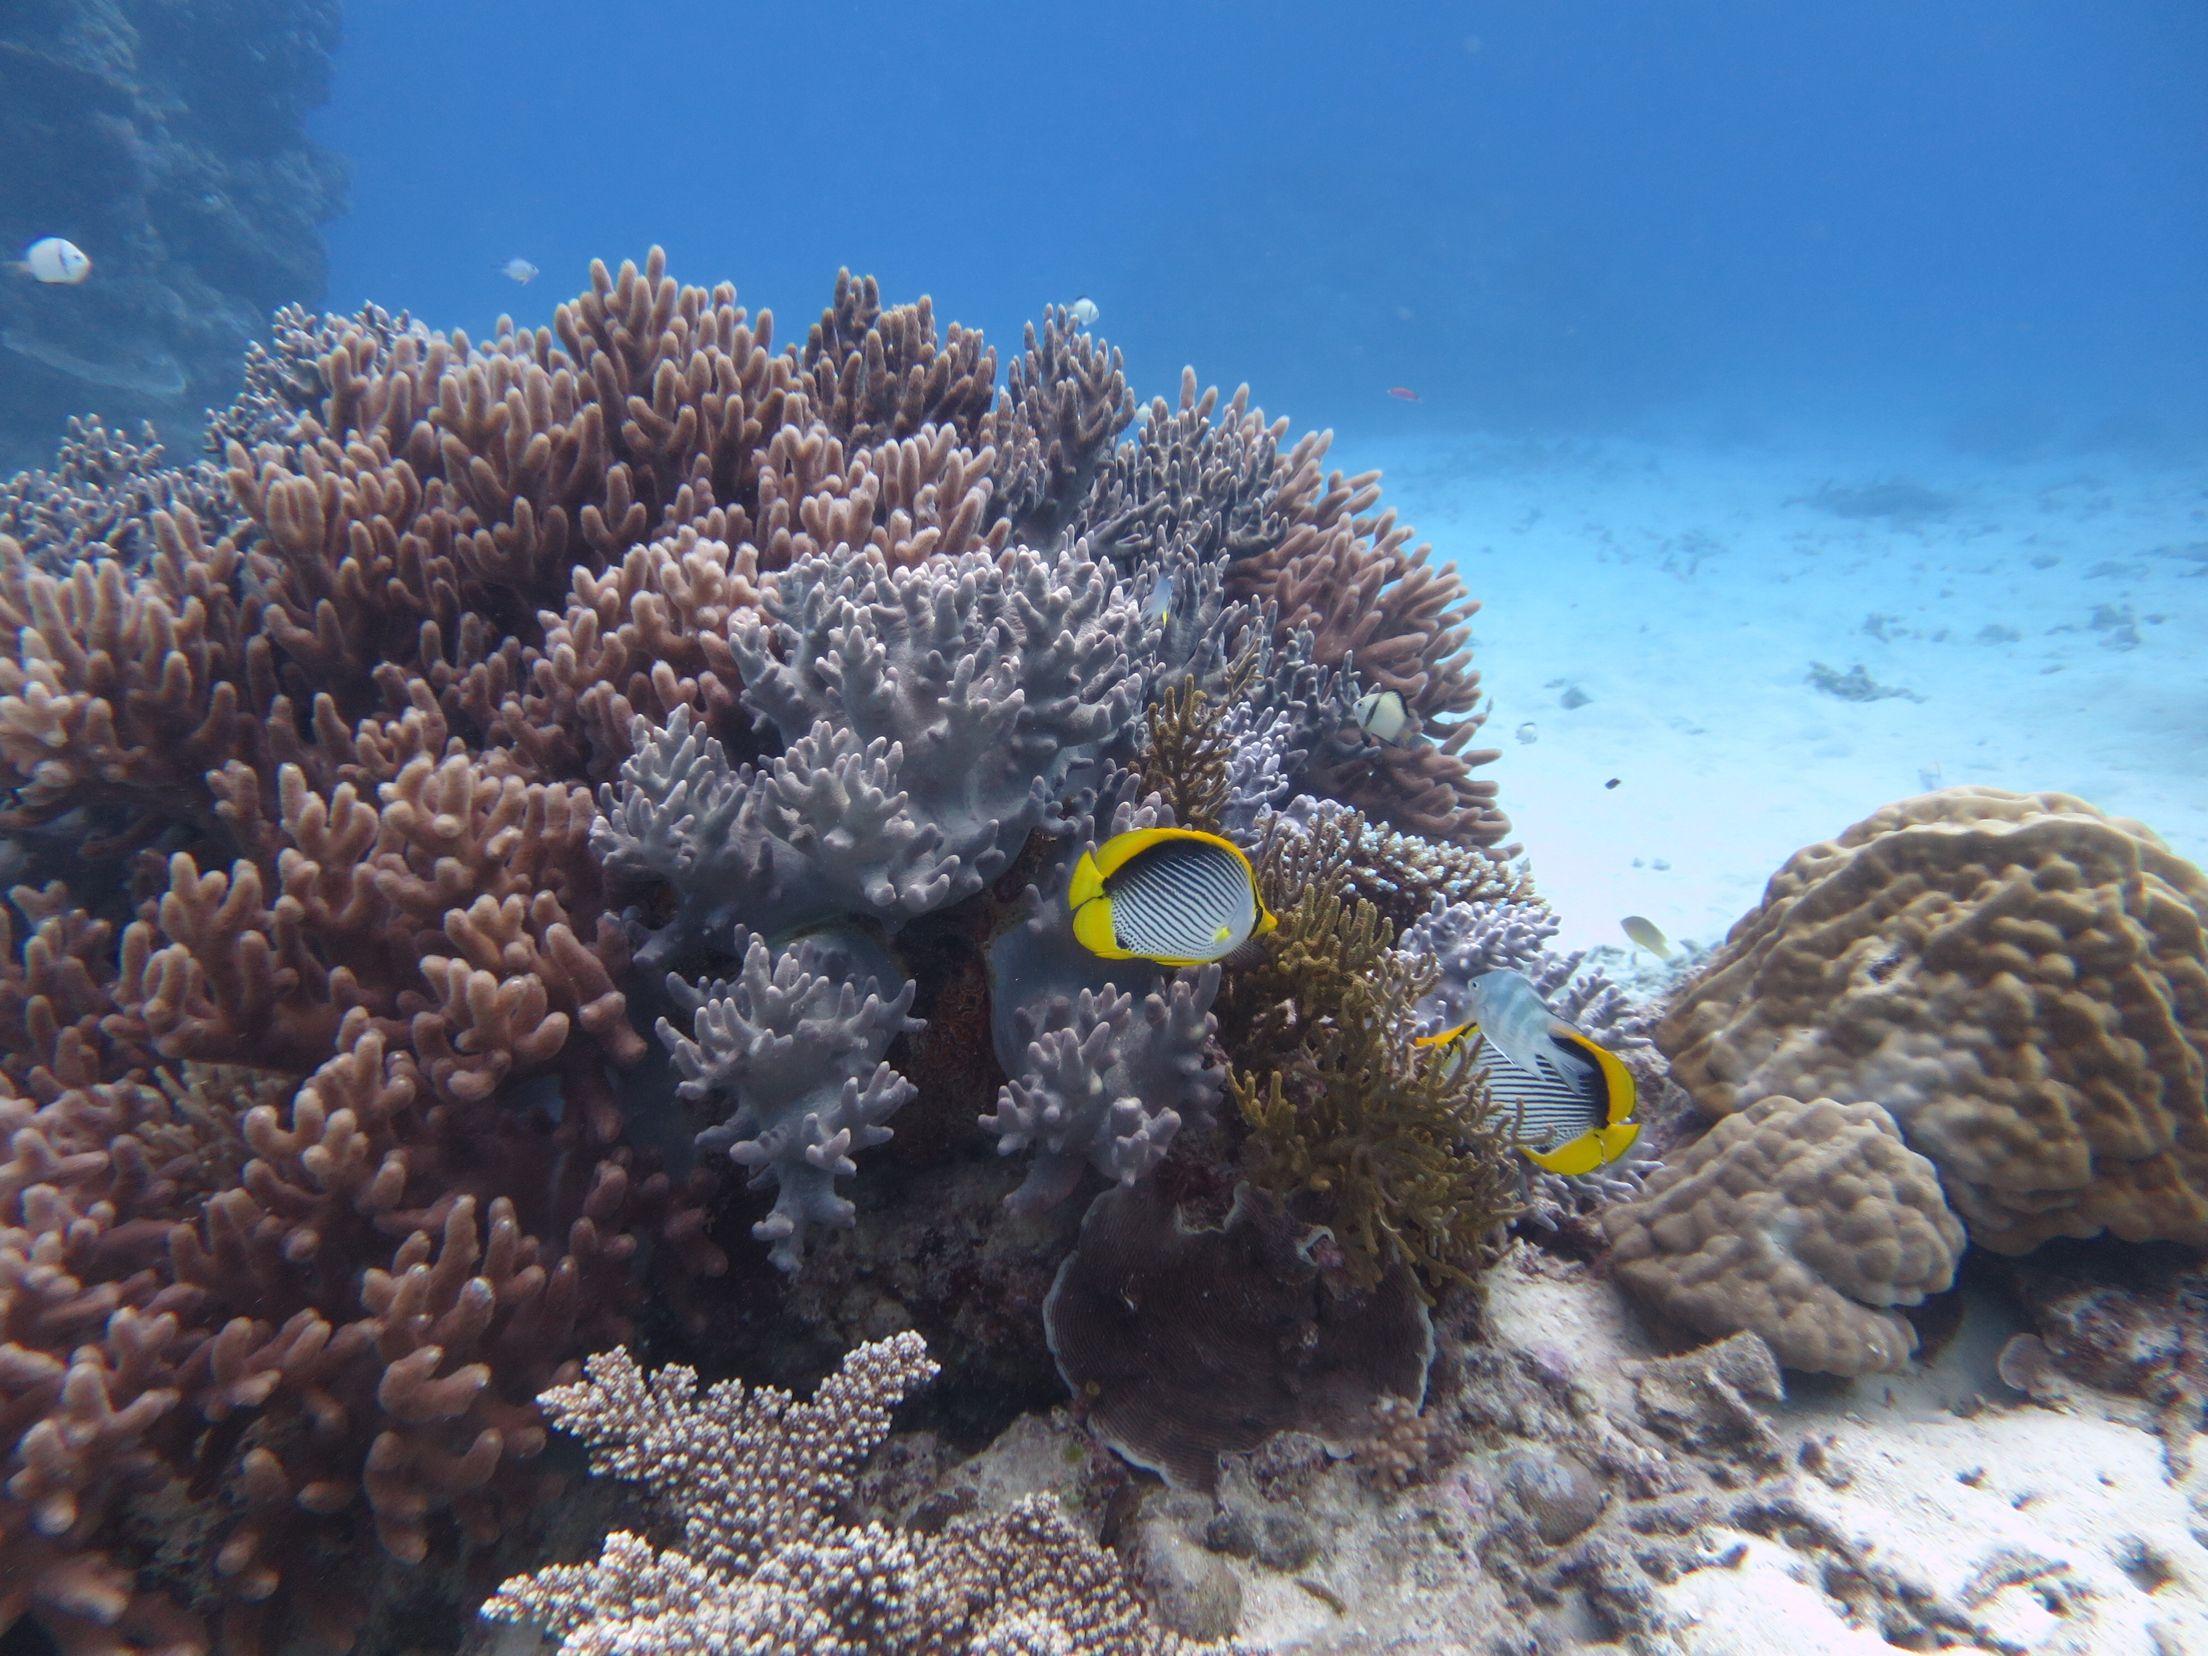 Great Barrier Reef Australia 2015 - Butterfly Fish